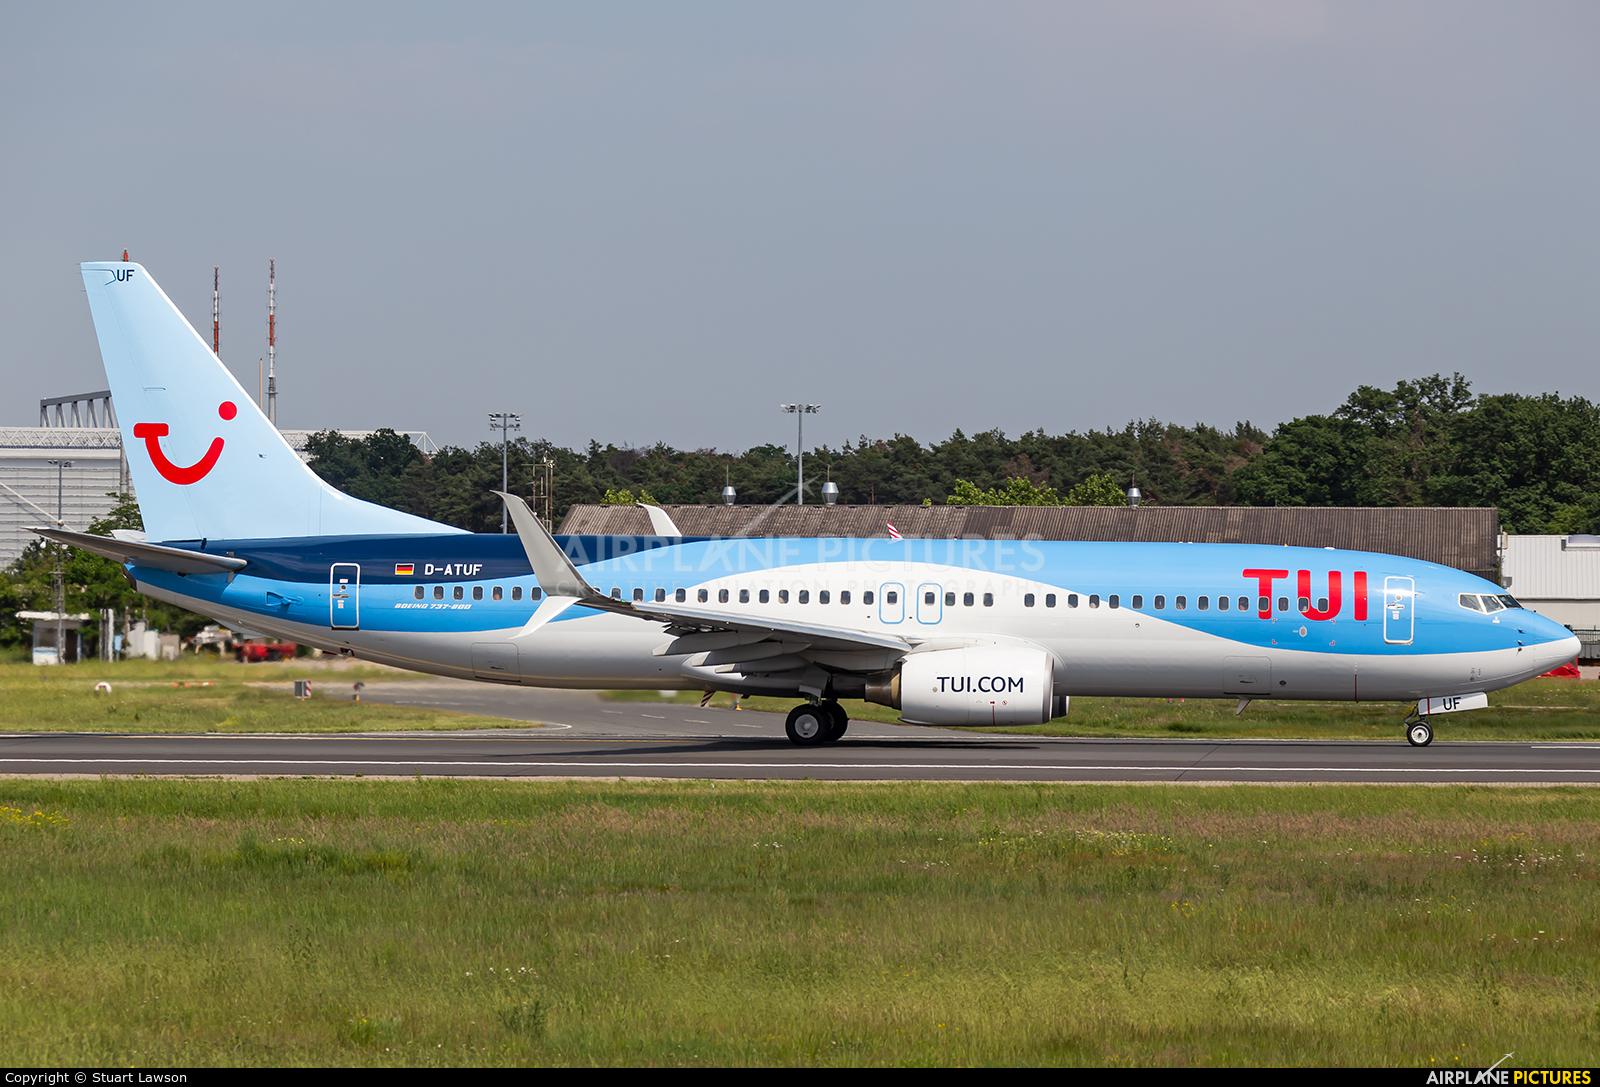 TUIfly D-ATUF aircraft at Frankfurt